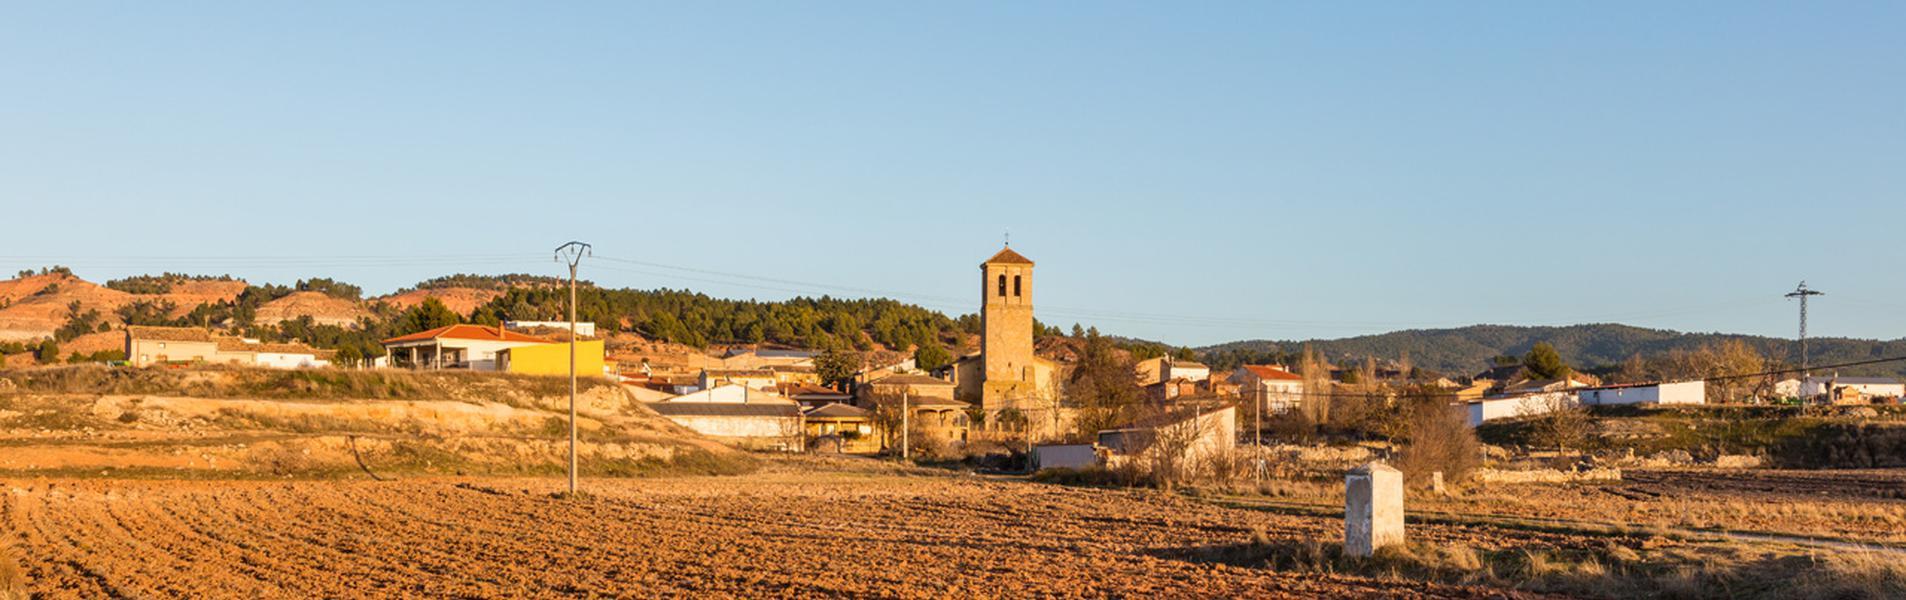 Villar de Domingo García